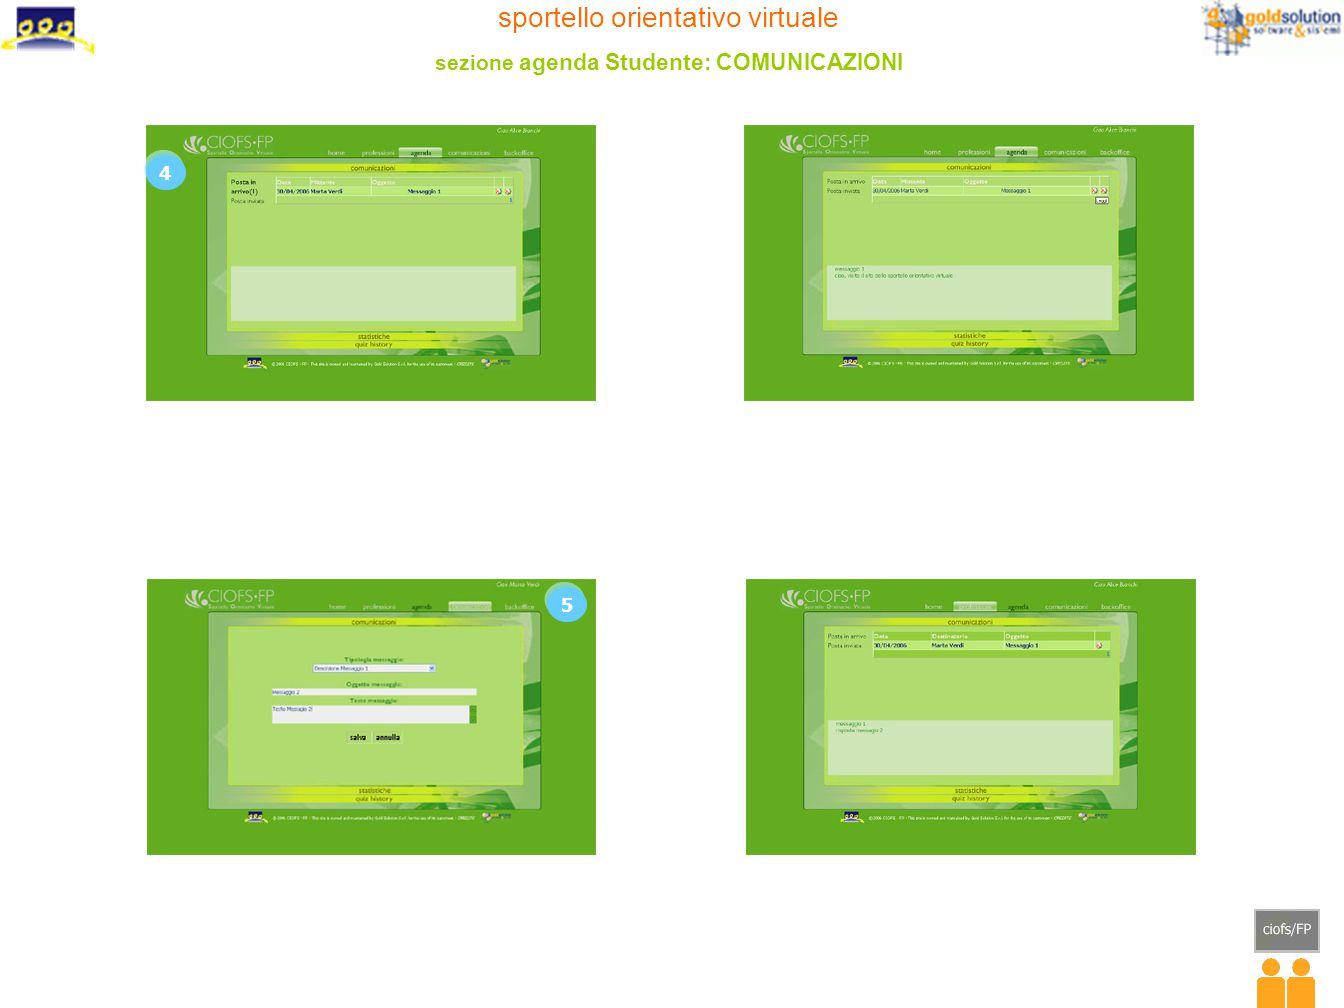 sportello orientativo virtuale sezione agenda Studente: COMUNICAZIONI 4 5